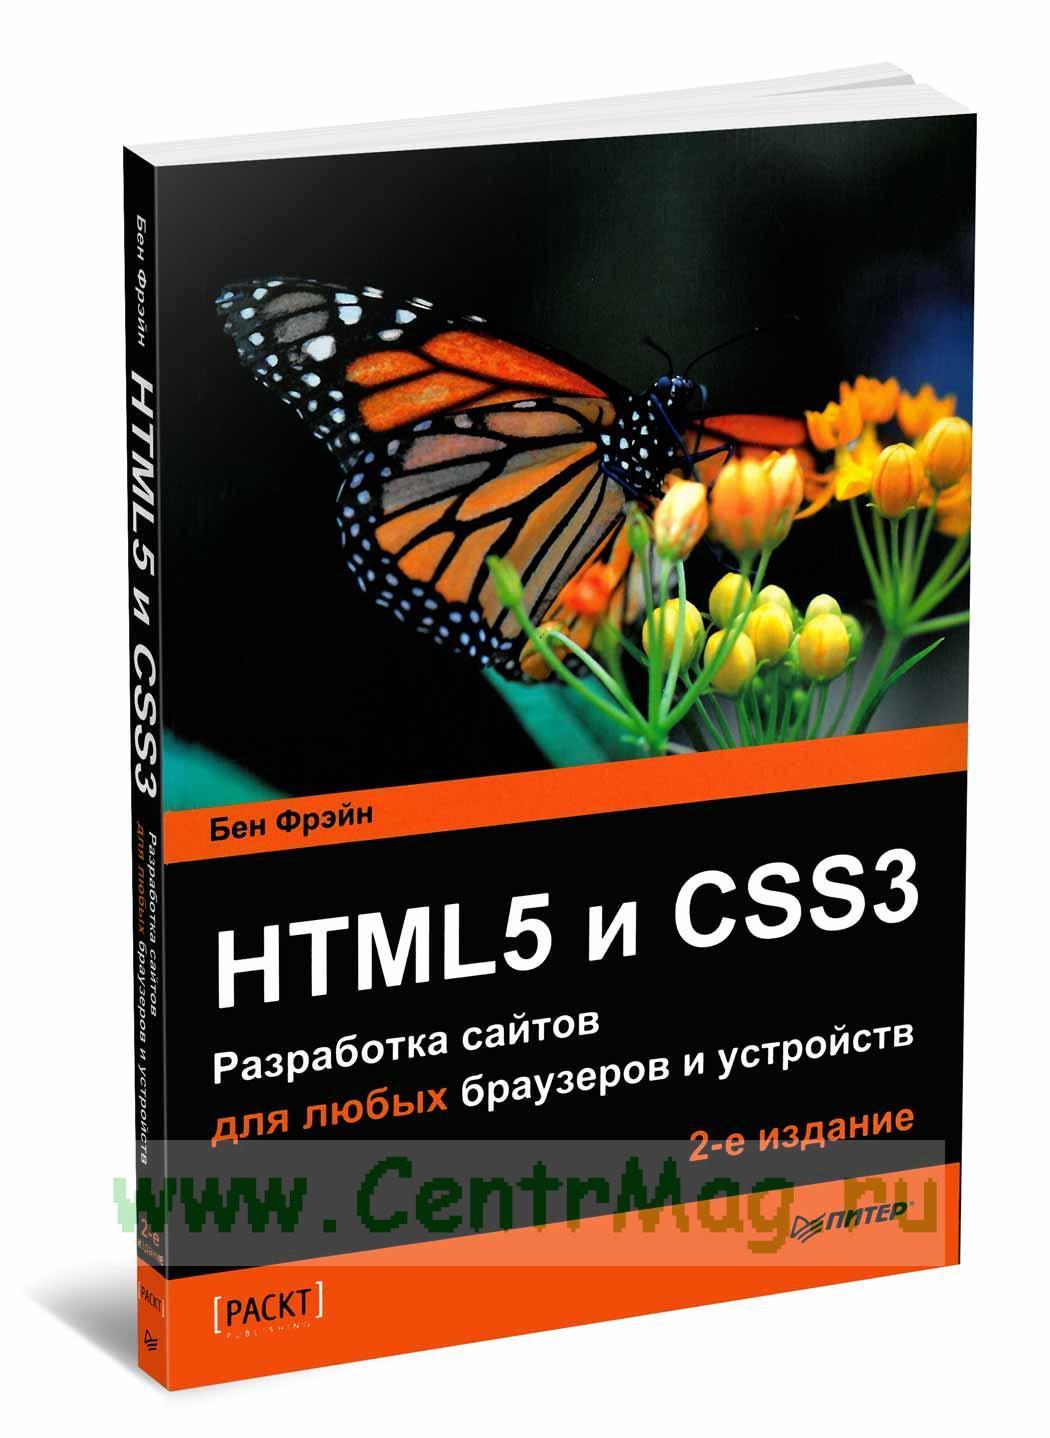 HTML5 и CSS3. Разработка сайтов для любых браузеров и устройств (2-е издание)